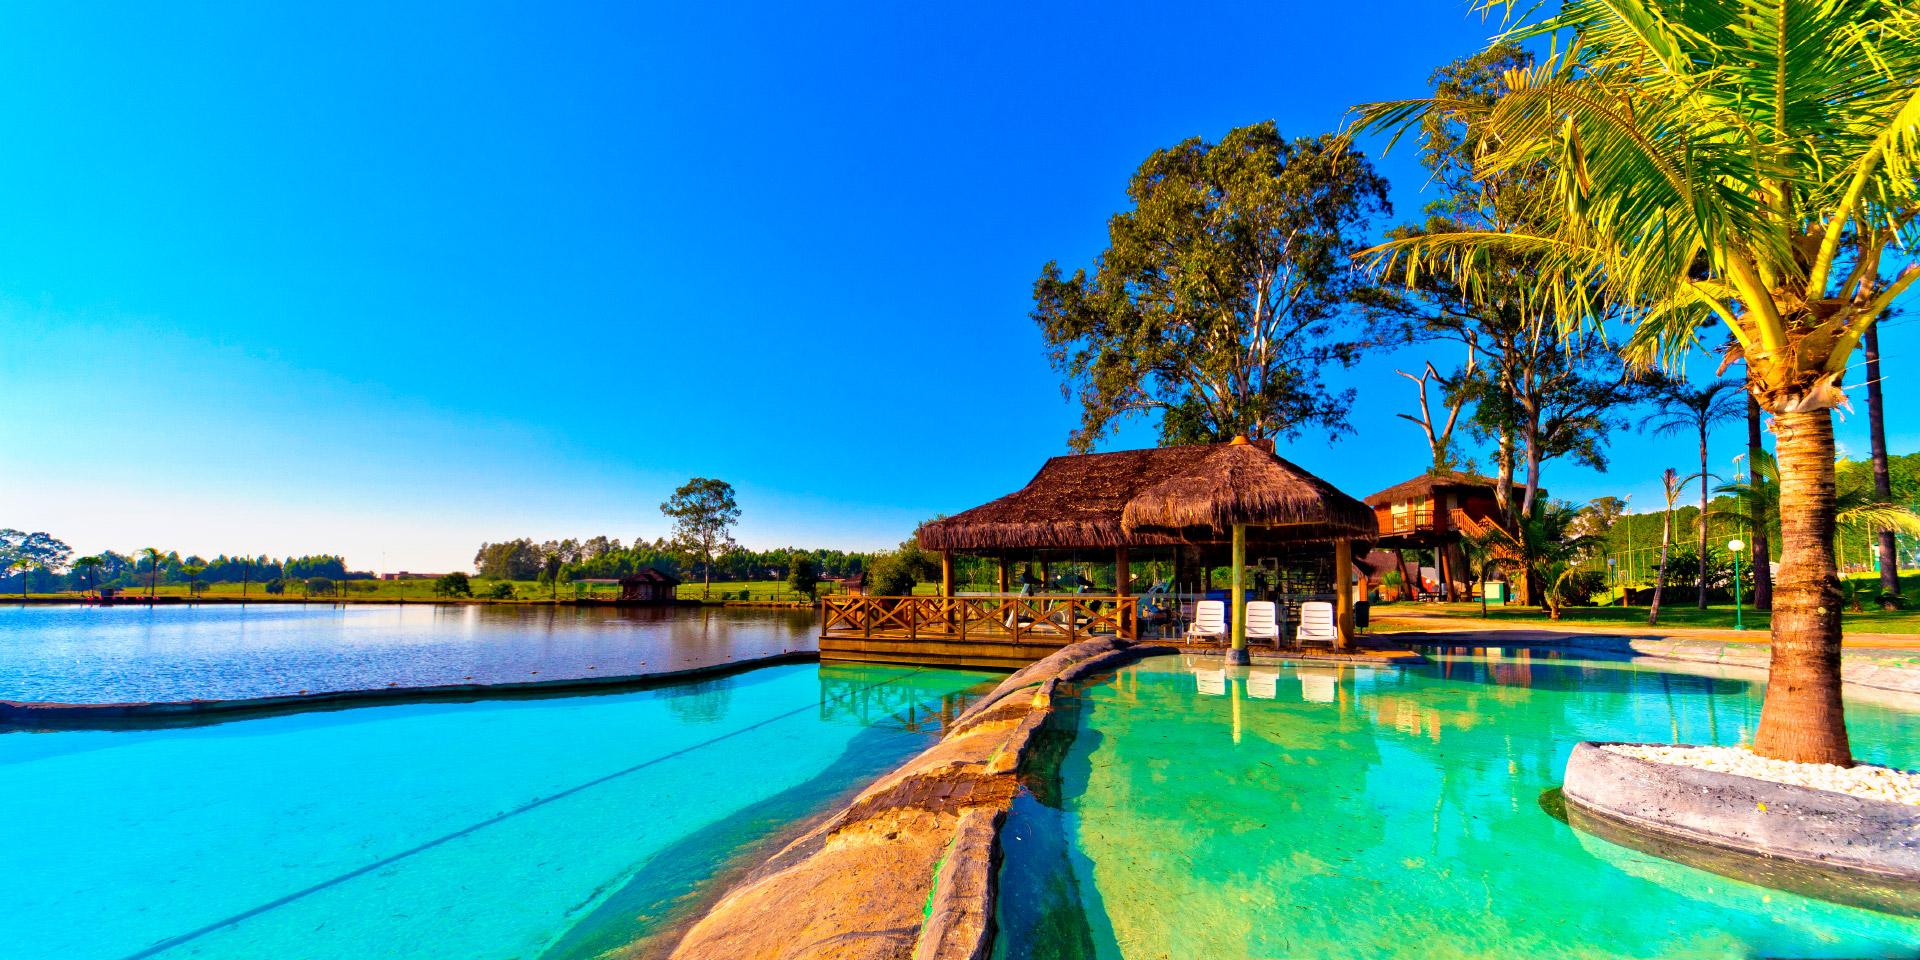 Conheça os melhores resorts do interior paulista para curtir nos finais de semana